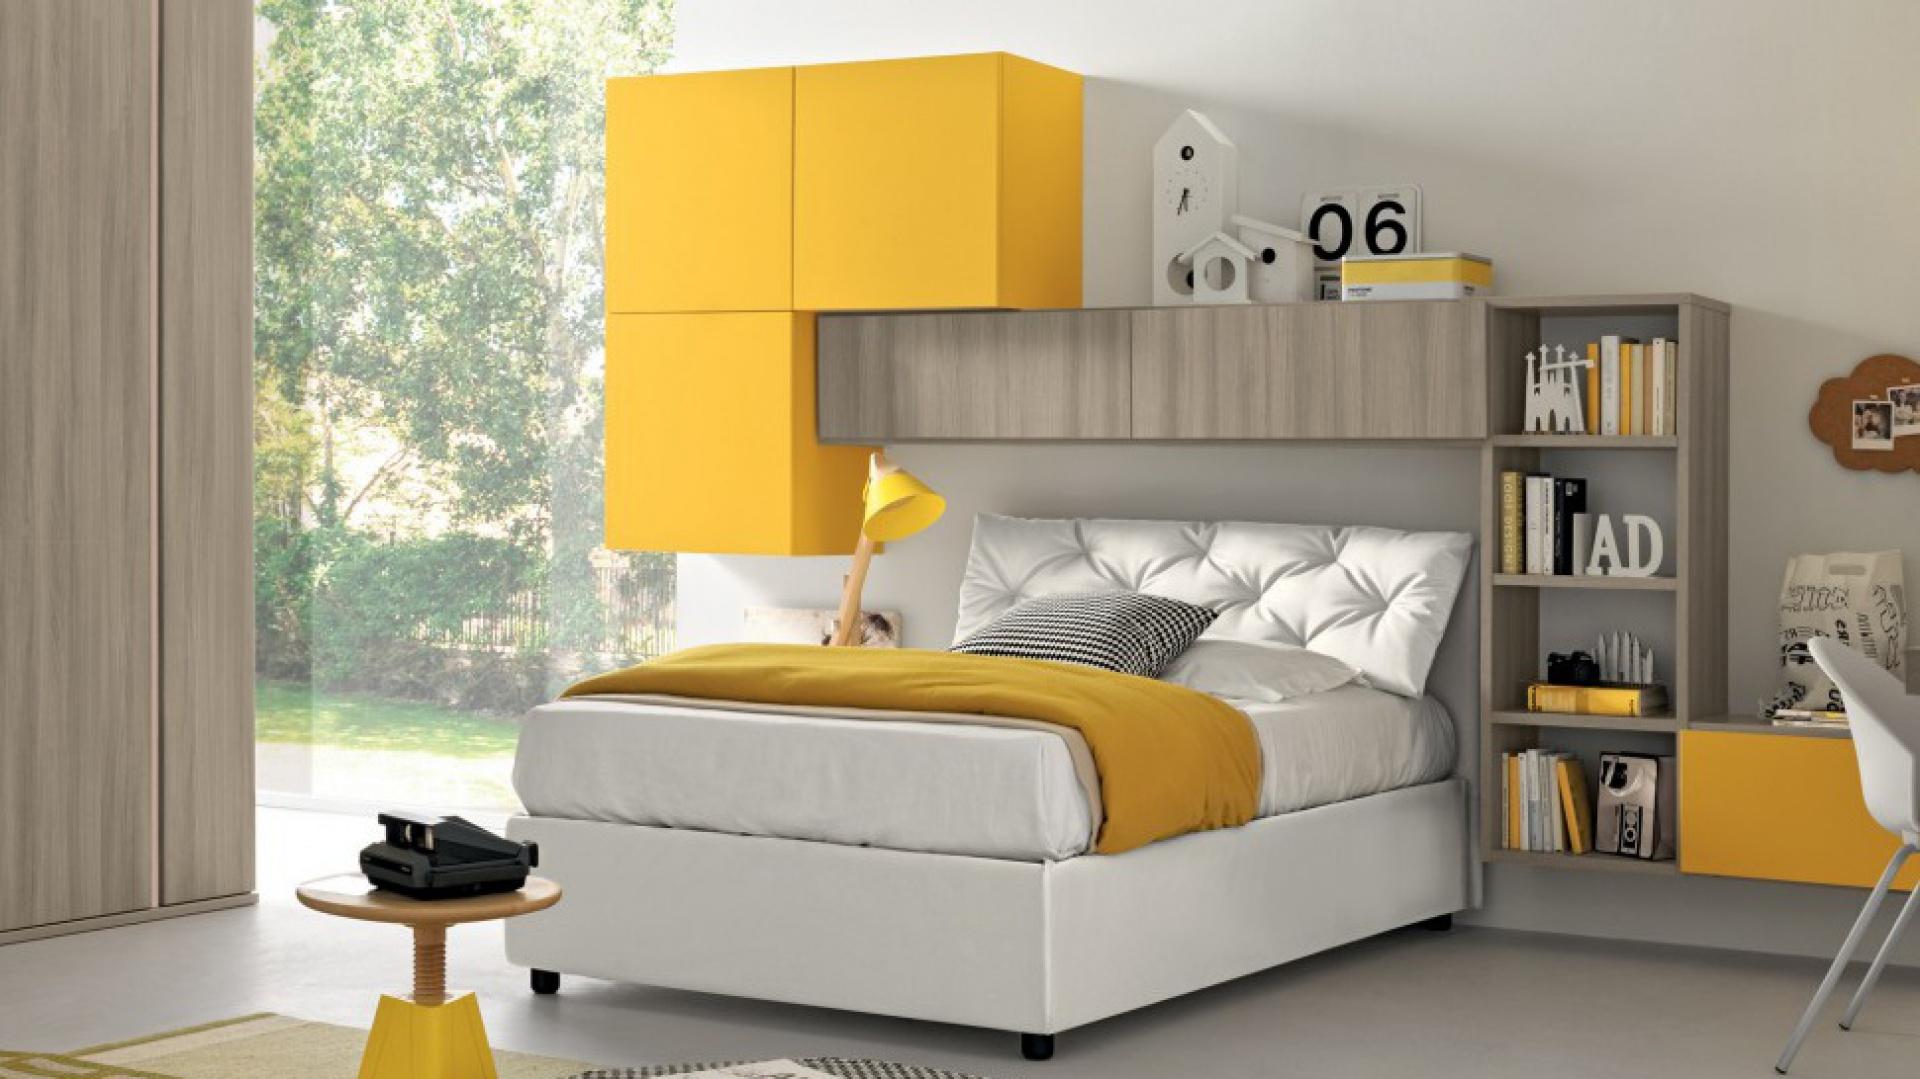 Z żółtymi frontami meblościanki koresponduje słoneczny koc, lampka nocna i niewielki stolik. Fot. Colombini Casa.